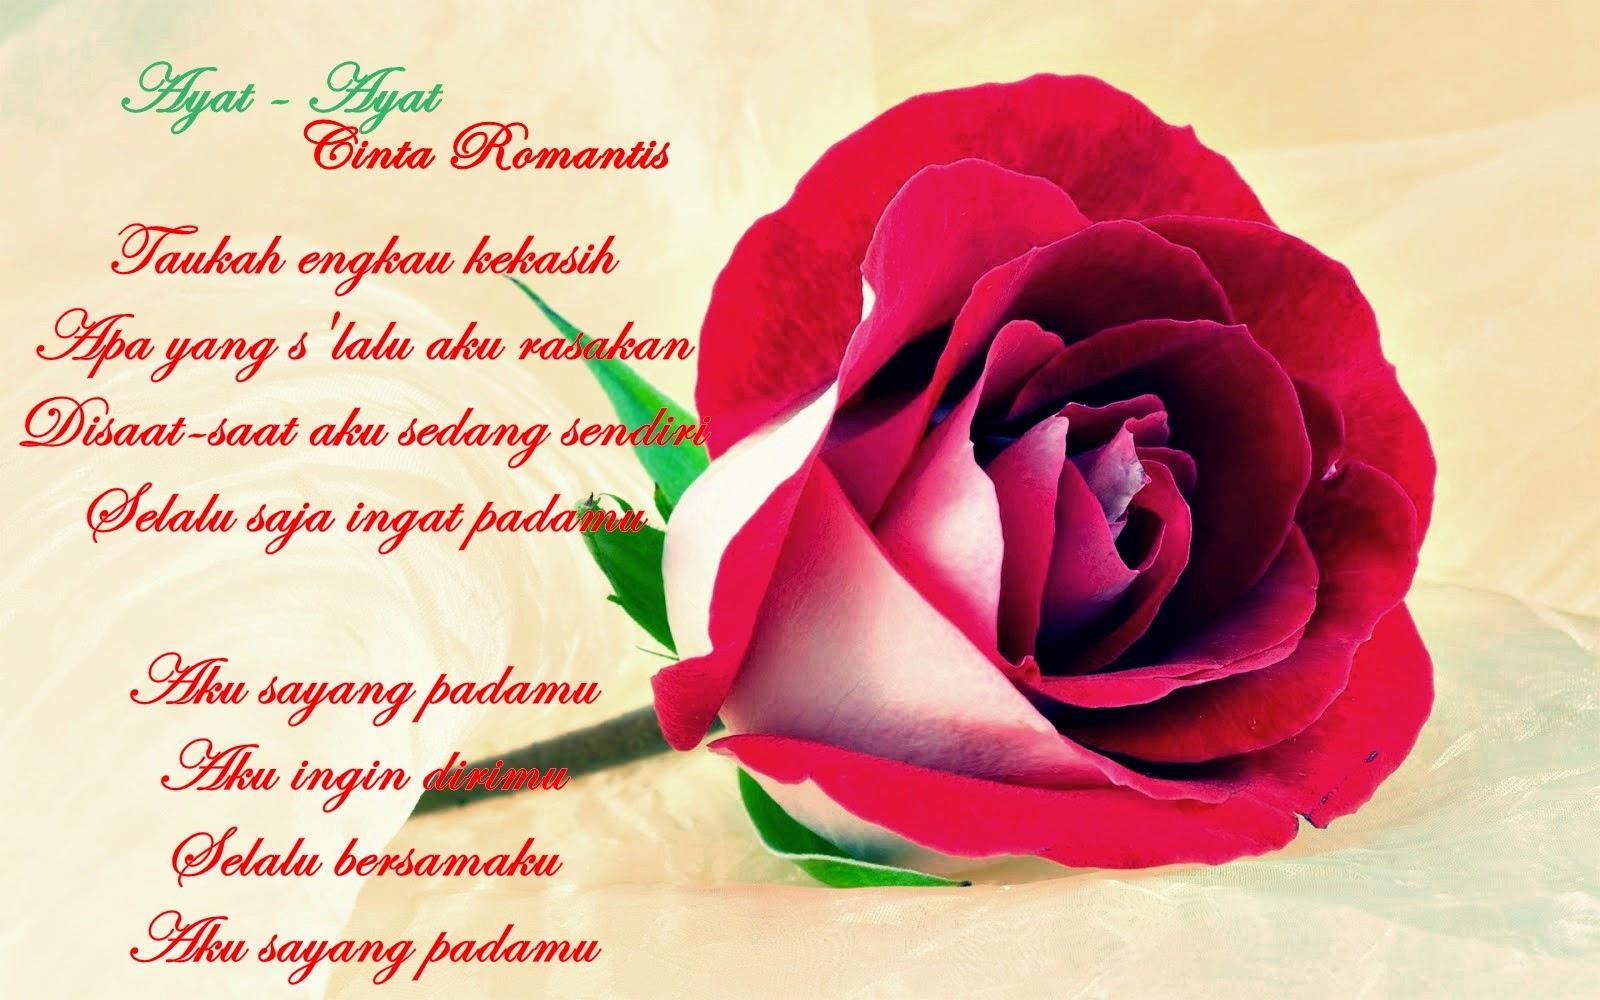 Download Gambar Wallpaper Kata Kata Lucu Gudang Wallpaper